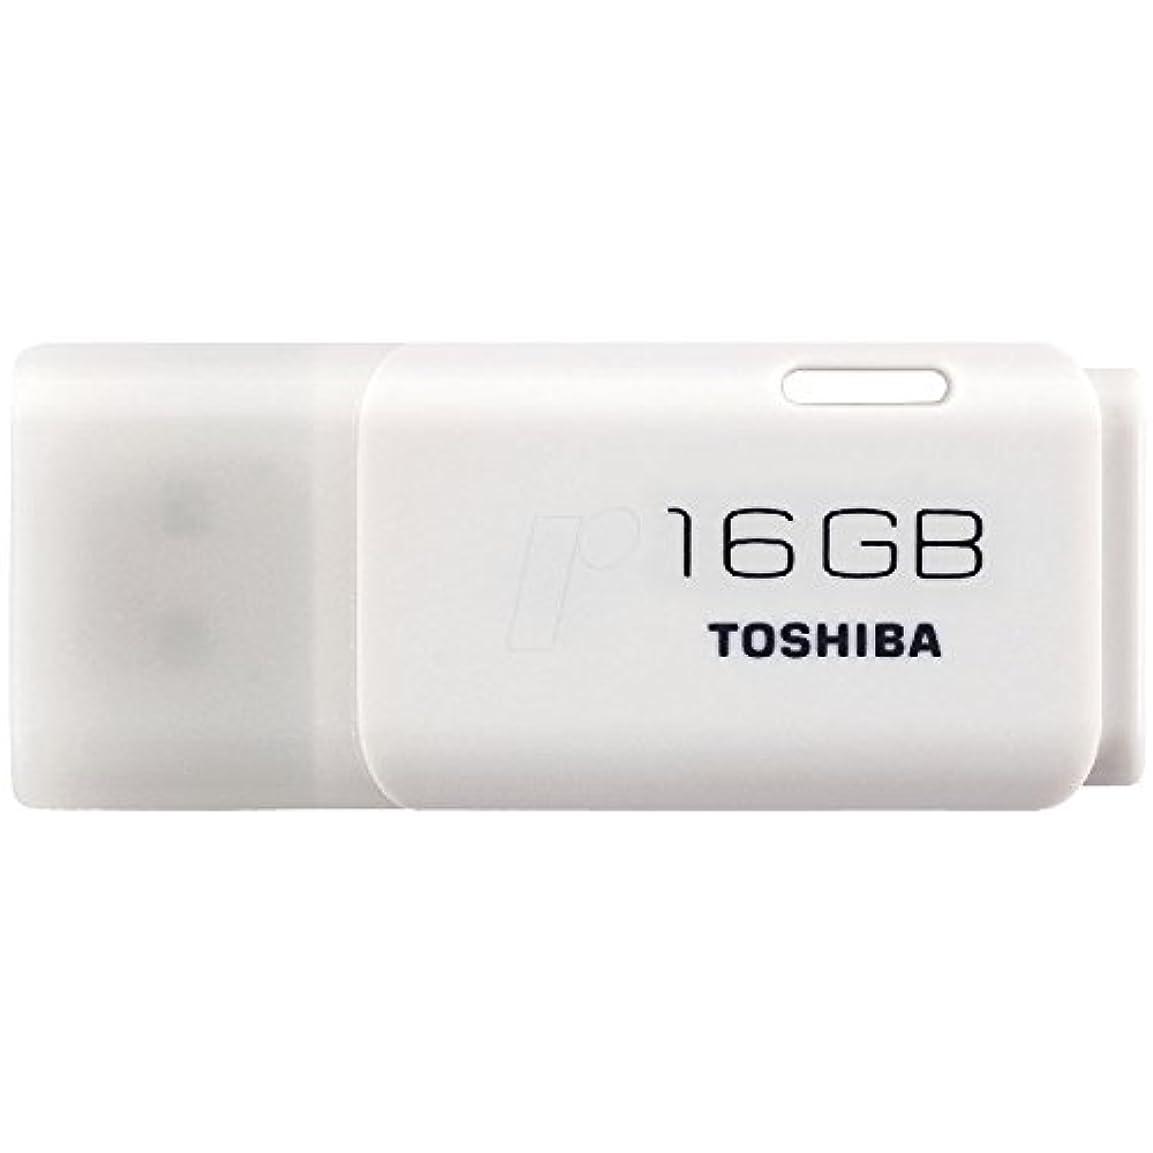 郊外祈るパーセント16GB TOSHIBA 東芝 USBメモリー TransMemory USB2.0対応 キャップ式 ホワイト 海外リテール THN-U202W0160A4 [並行輸入品]